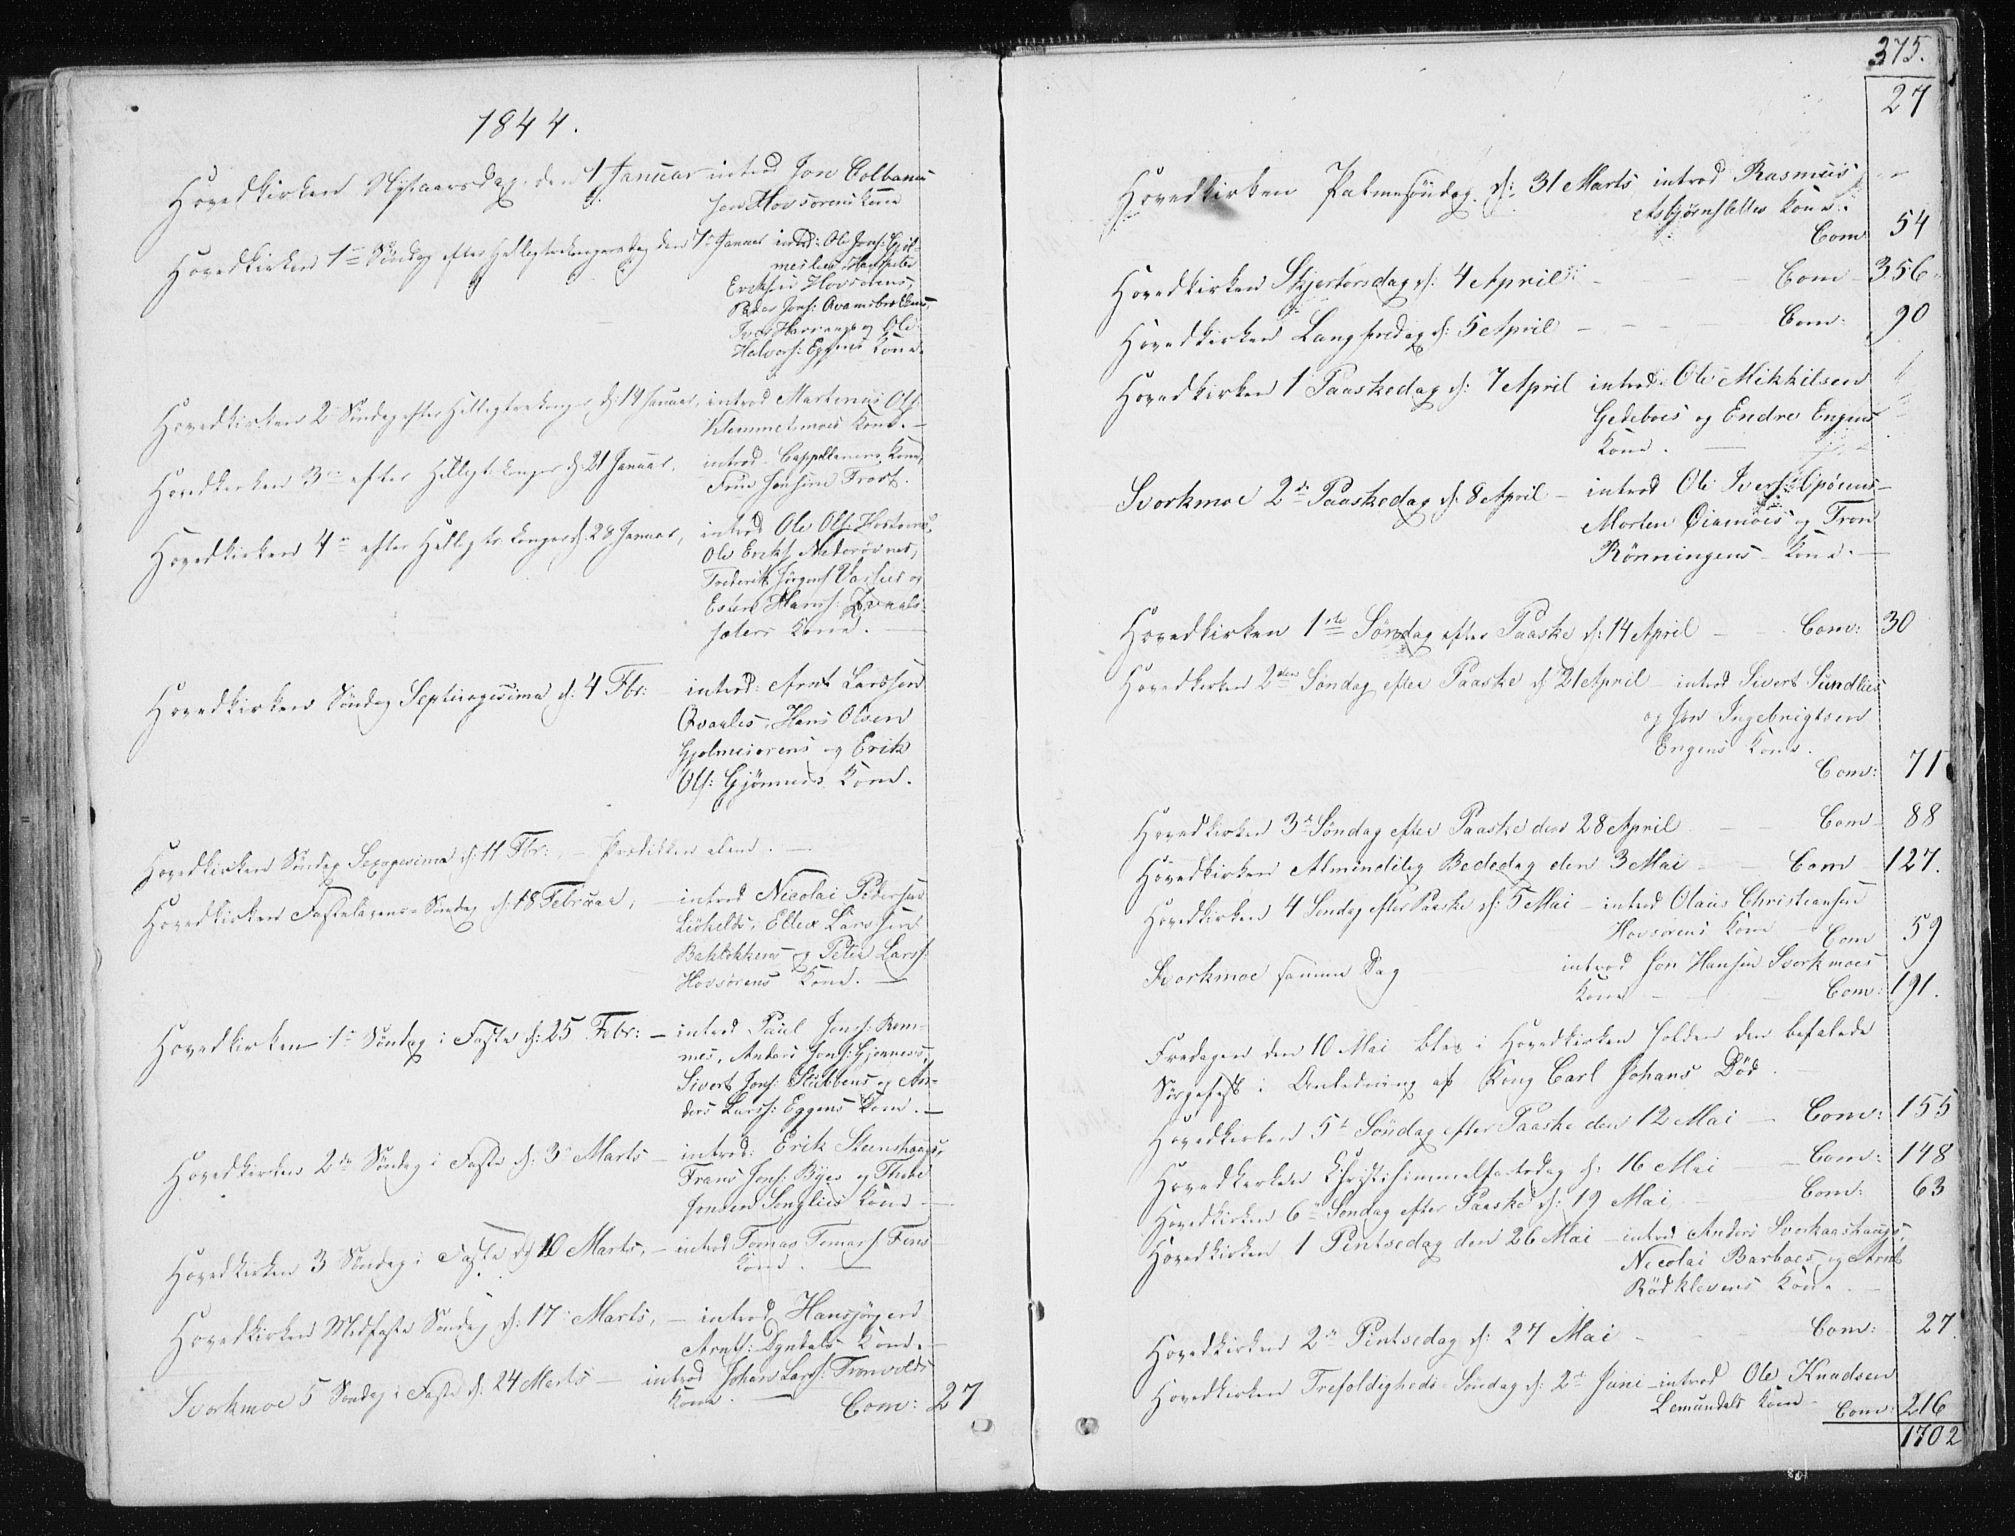 SAT, Ministerialprotokoller, klokkerbøker og fødselsregistre - Sør-Trøndelag, 668/L0805: Ministerialbok nr. 668A05, 1840-1853, s. 375